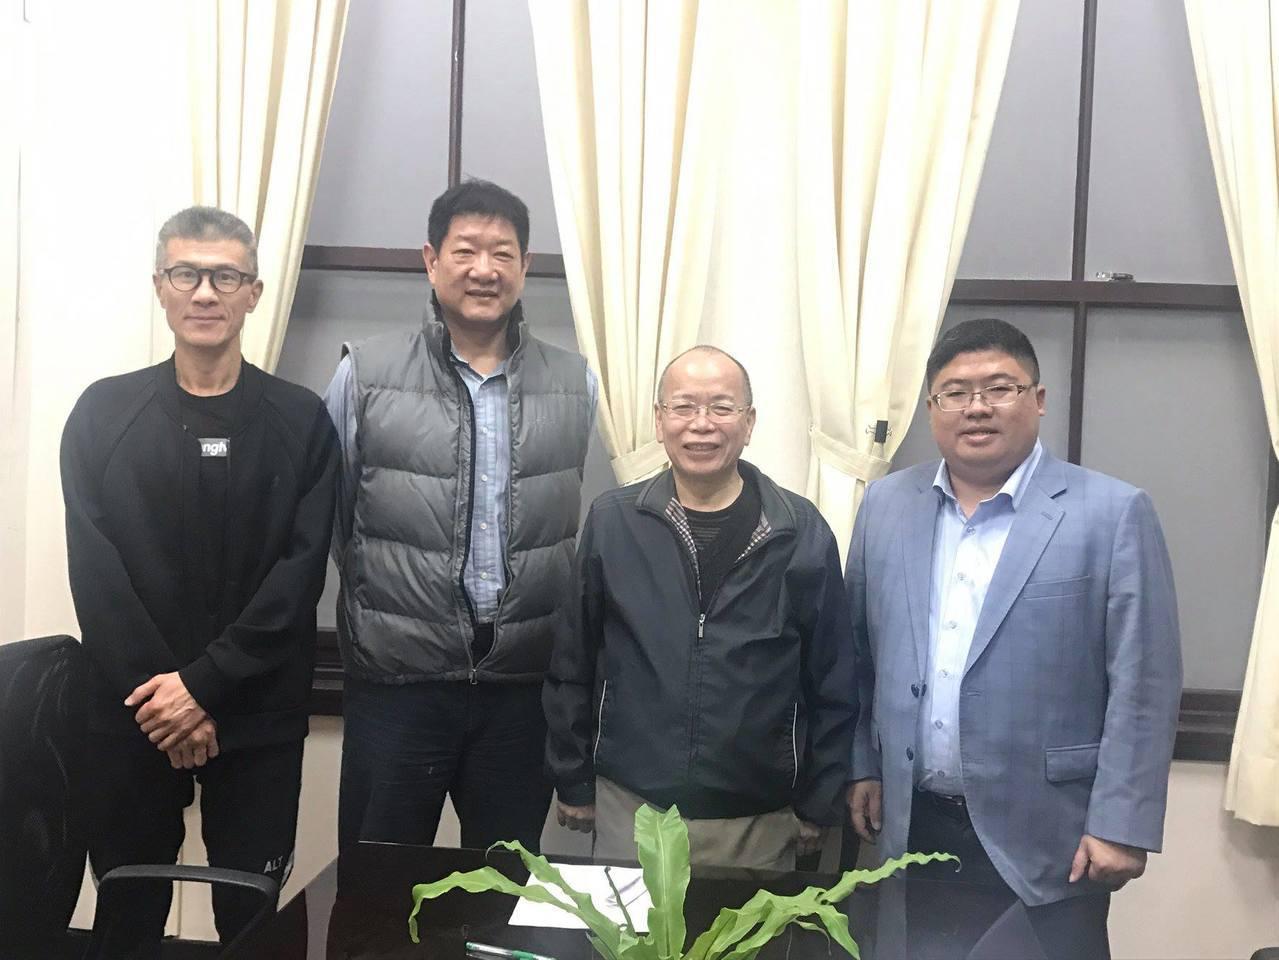 體發會召集人張景森(右二)表示職籃籌備訂下了715大限,屆時如無法達成4隊確定參...